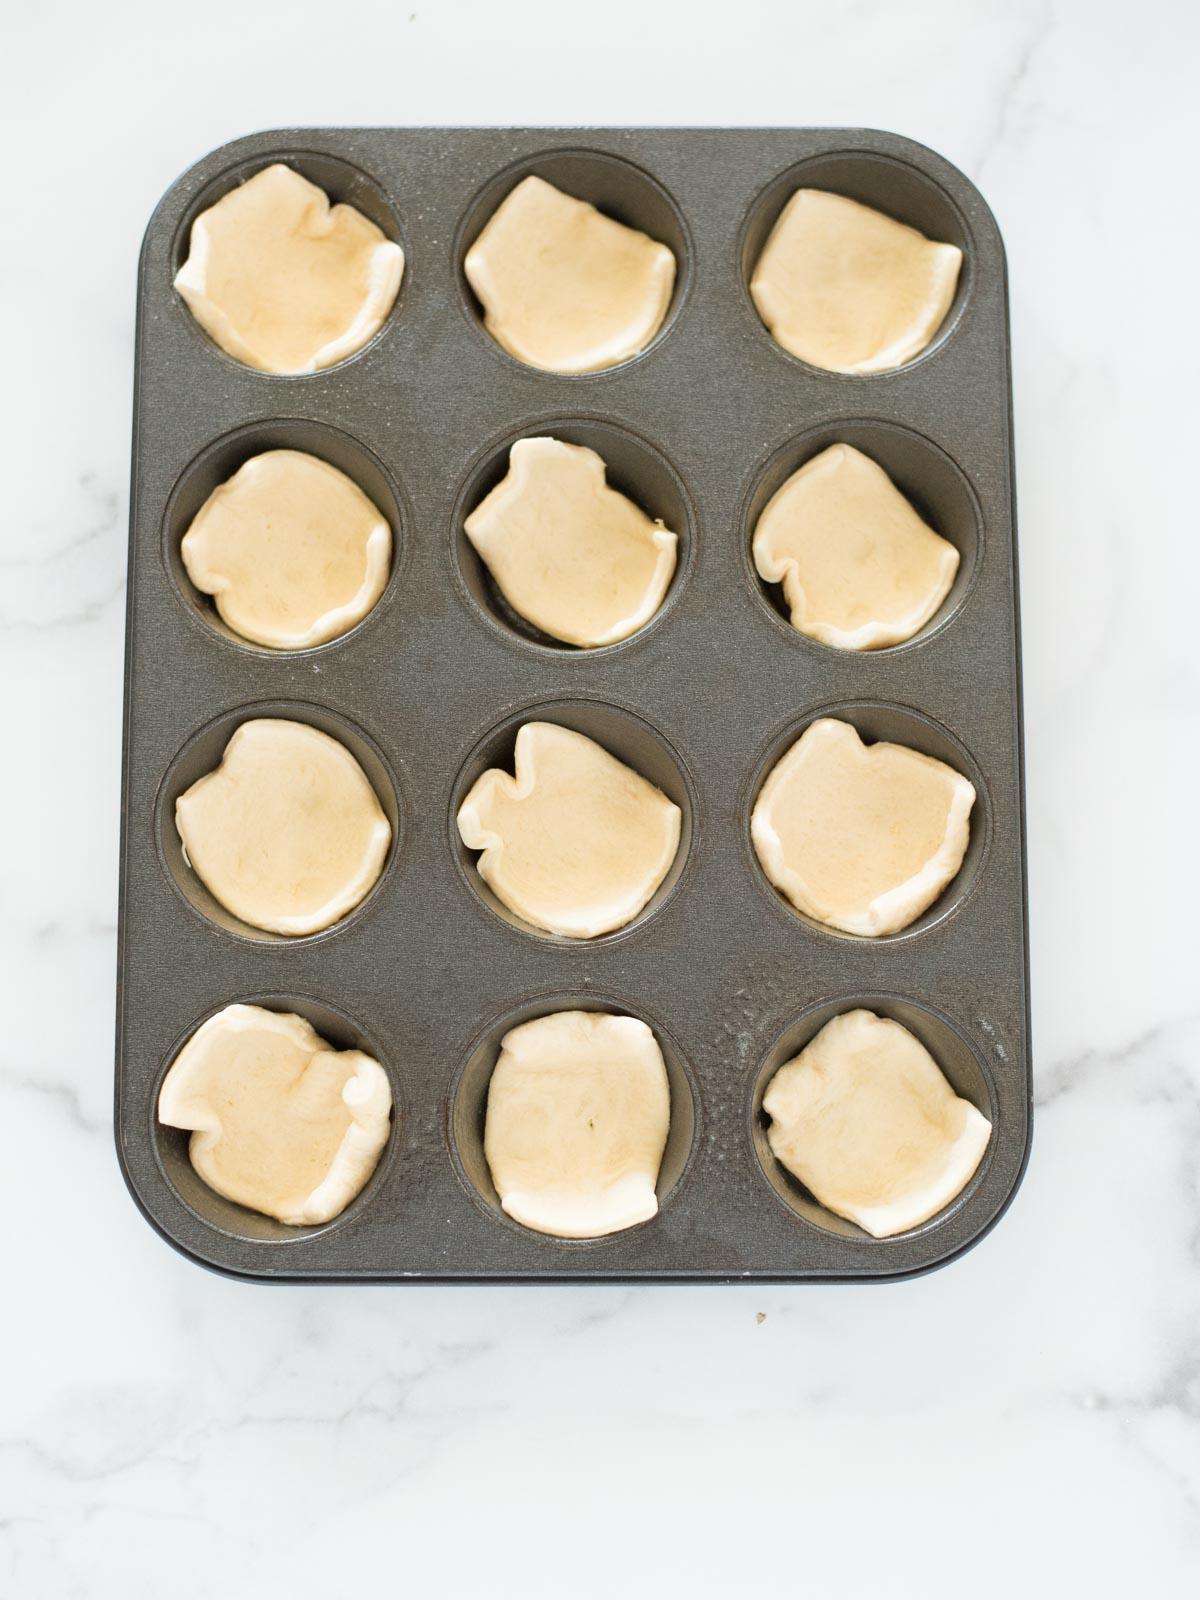 crescent roll dough in a muffin tin